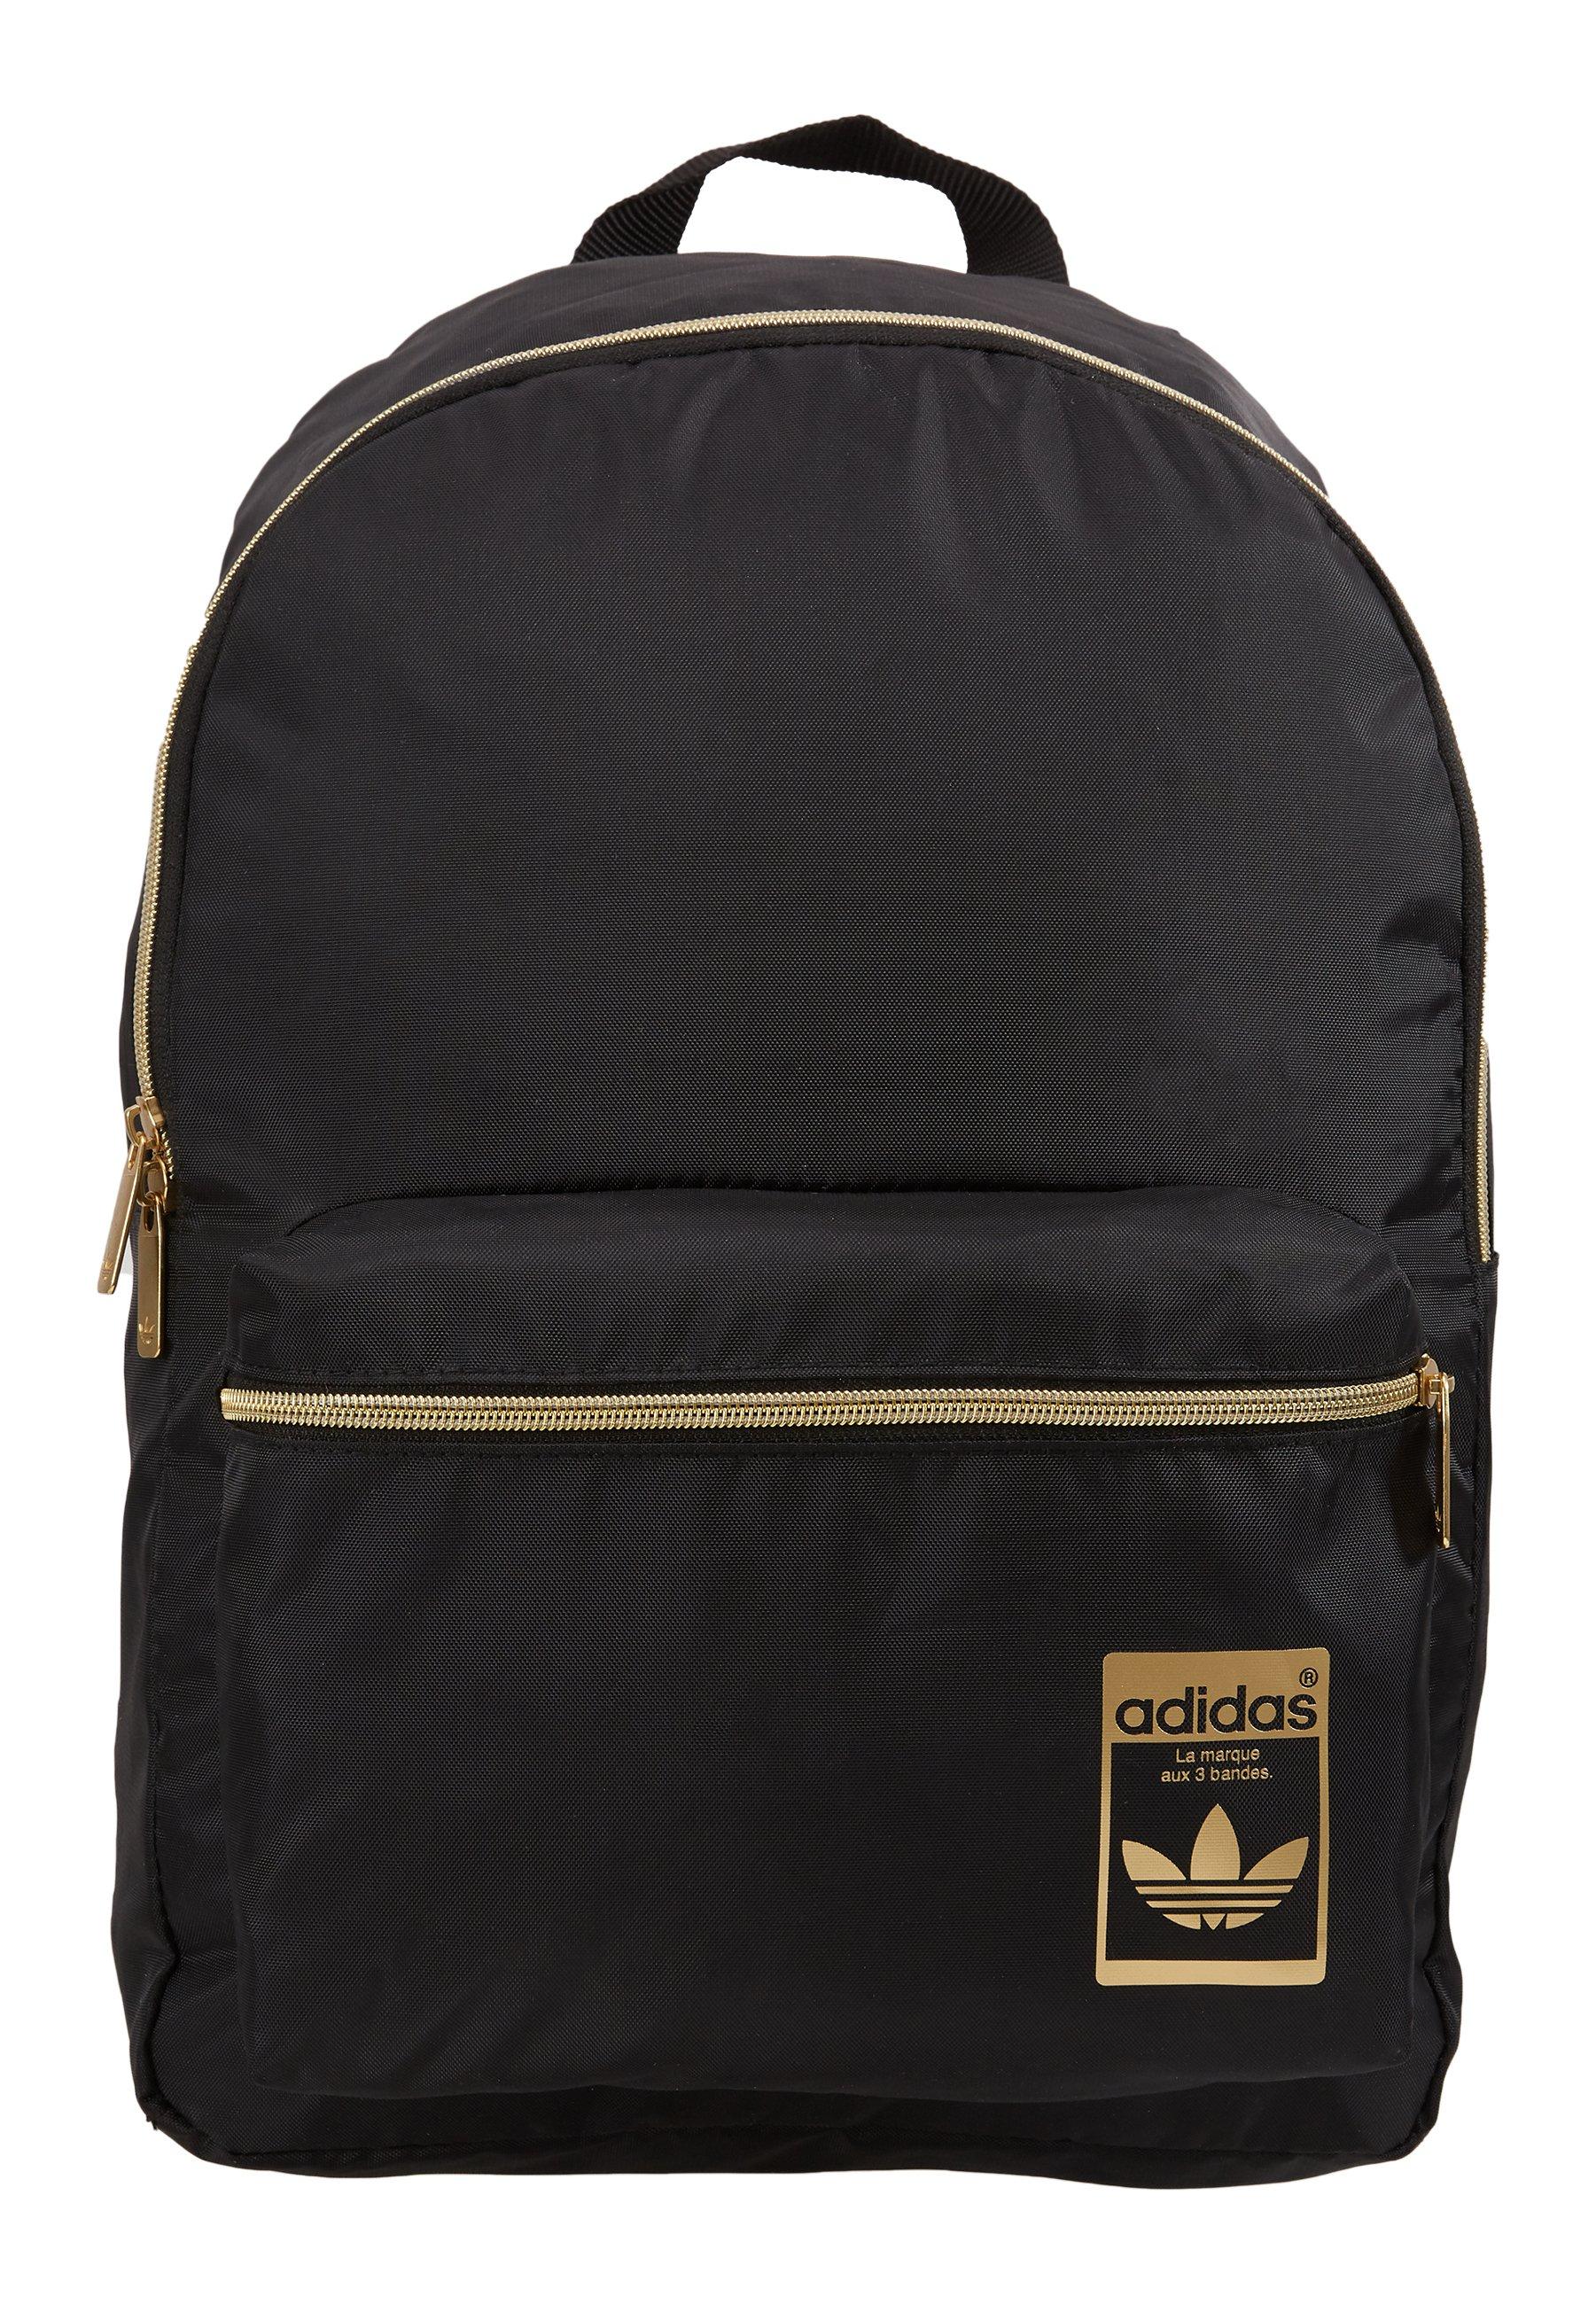 Adidas Originals Class - Sac À Dos Black